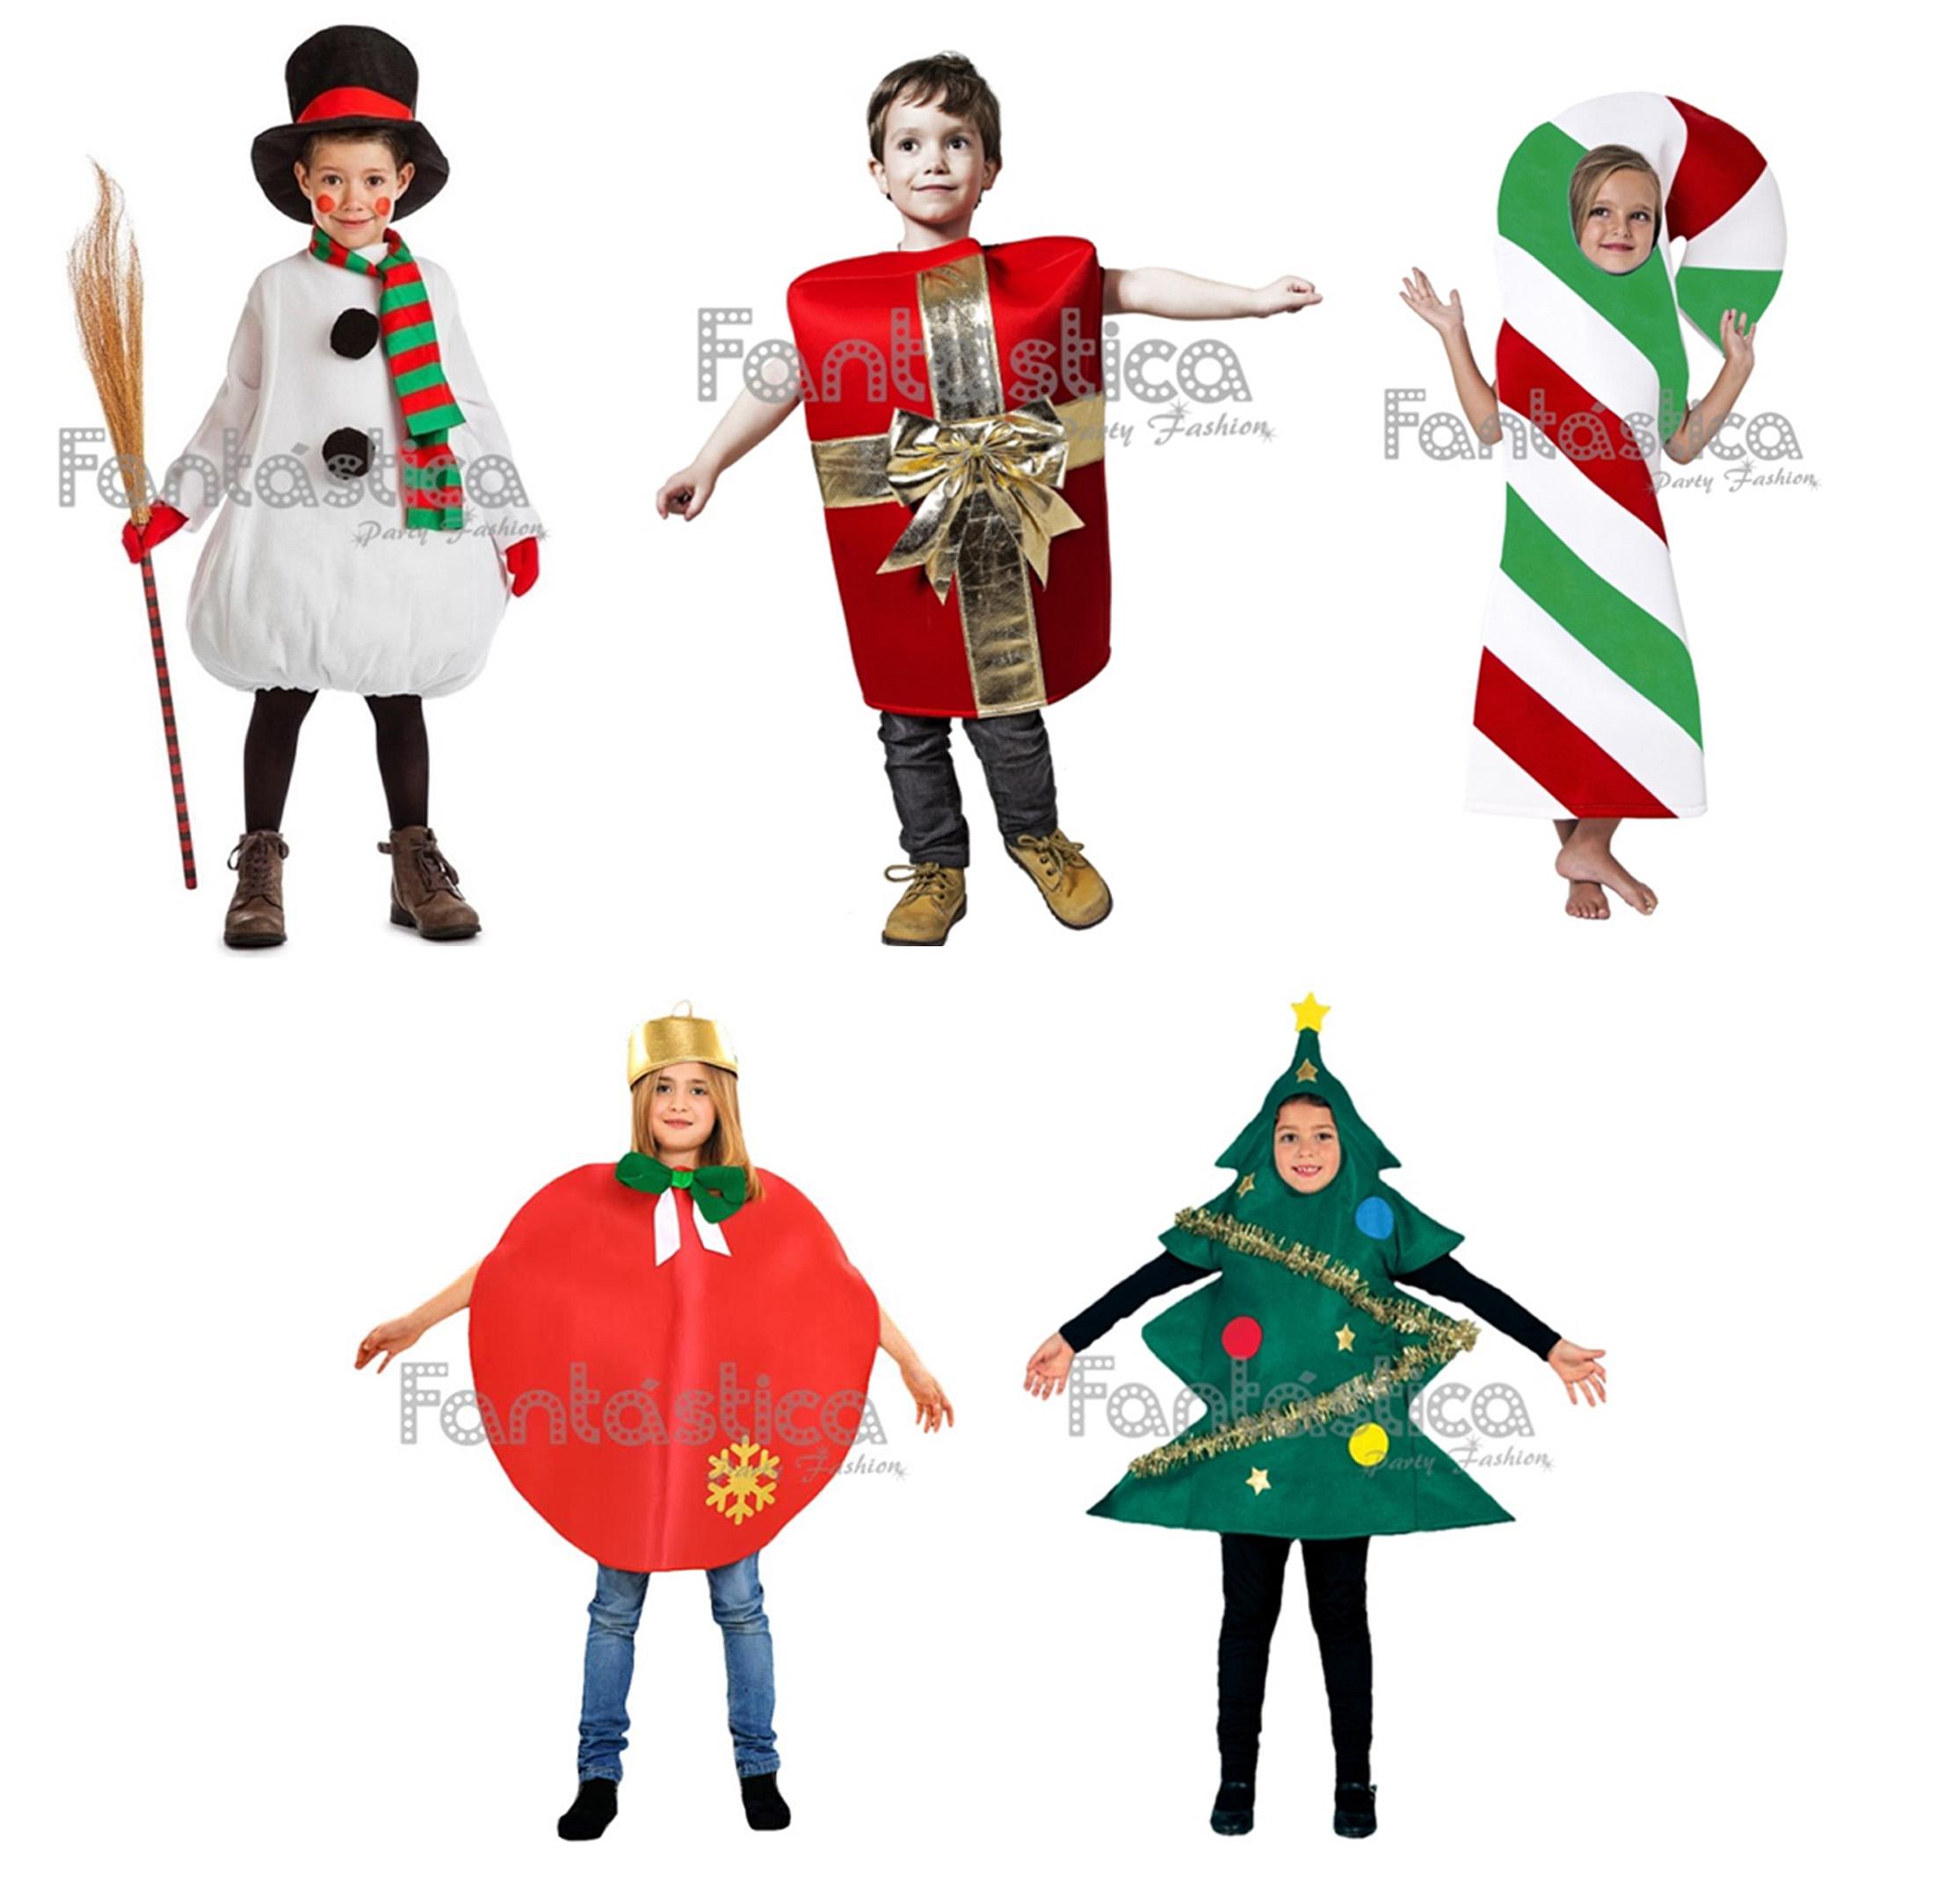 Disfraces de navidad para ni os - Disfraces navidenos originales ...